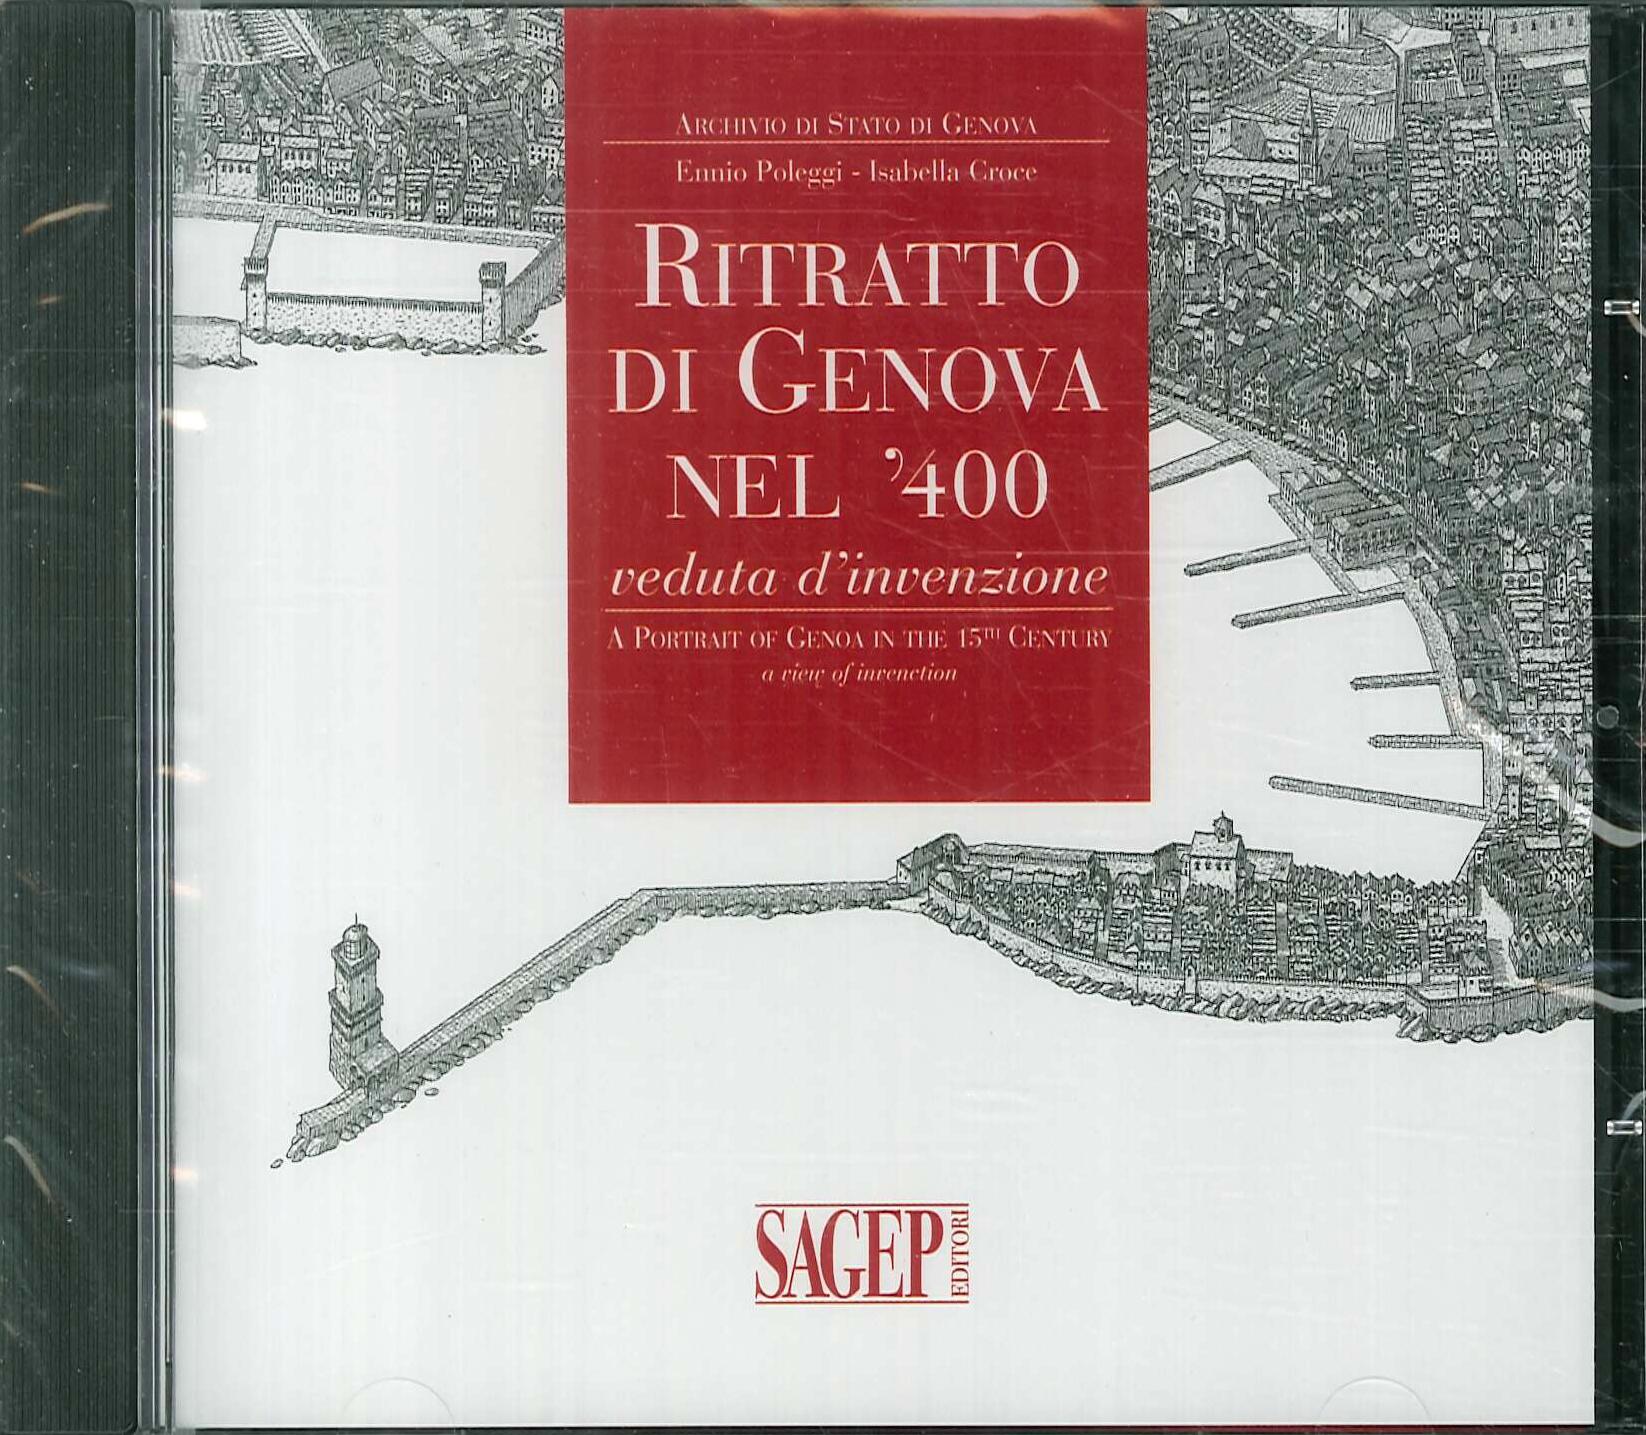 Ritratto di Genova nel '400. Veduta d'invenzione. [CD-ROM]